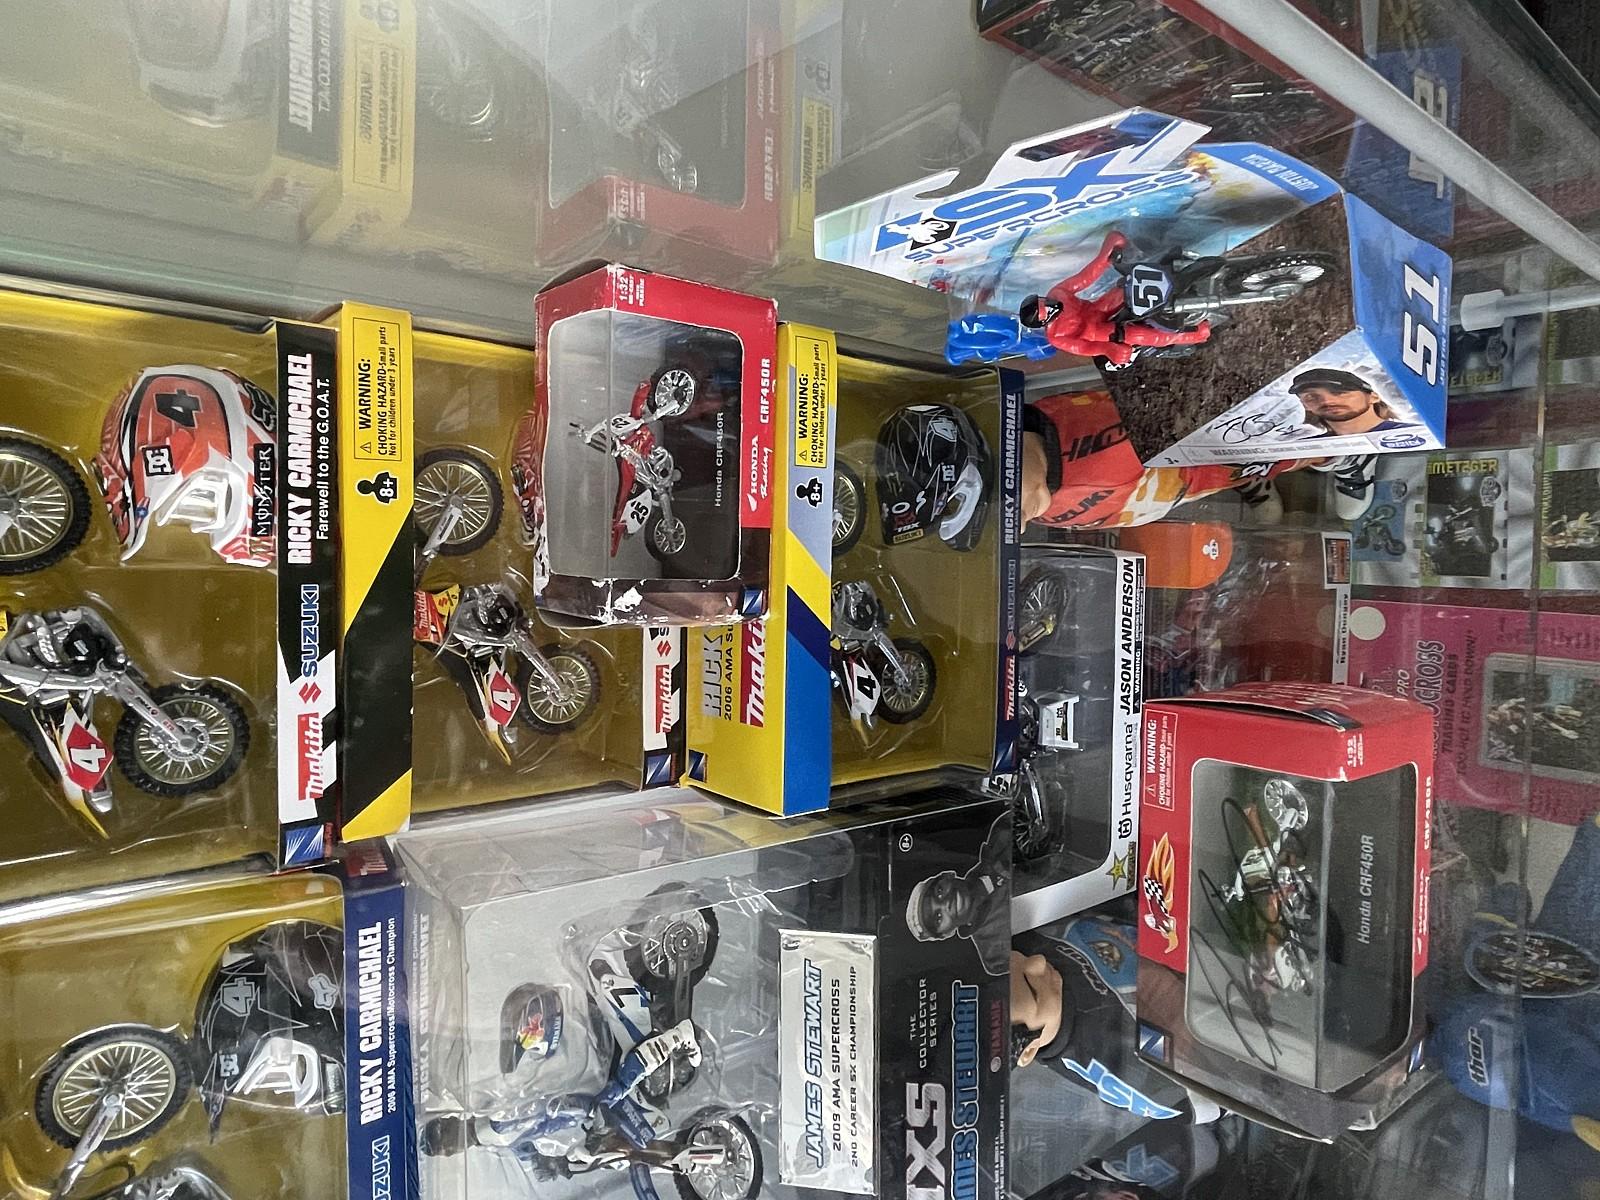 EAB35B22-70CA-47FB-B136-D75E9B7B03BD - mx_toys98 - Motocross Pictures - Vital MX